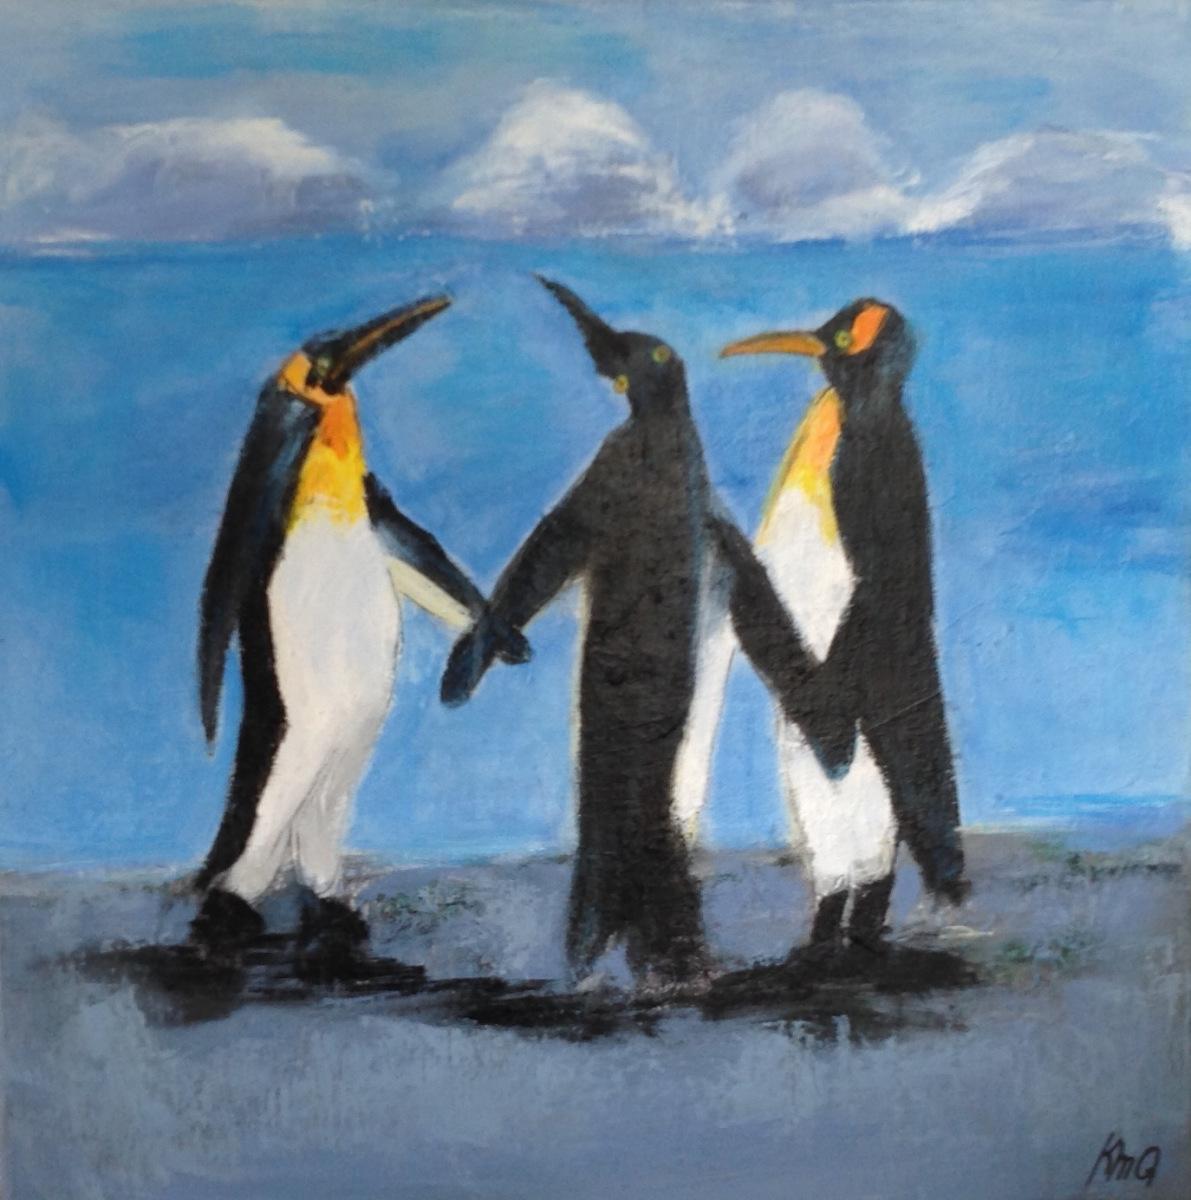 Pingviner måler 40 x 50 cm